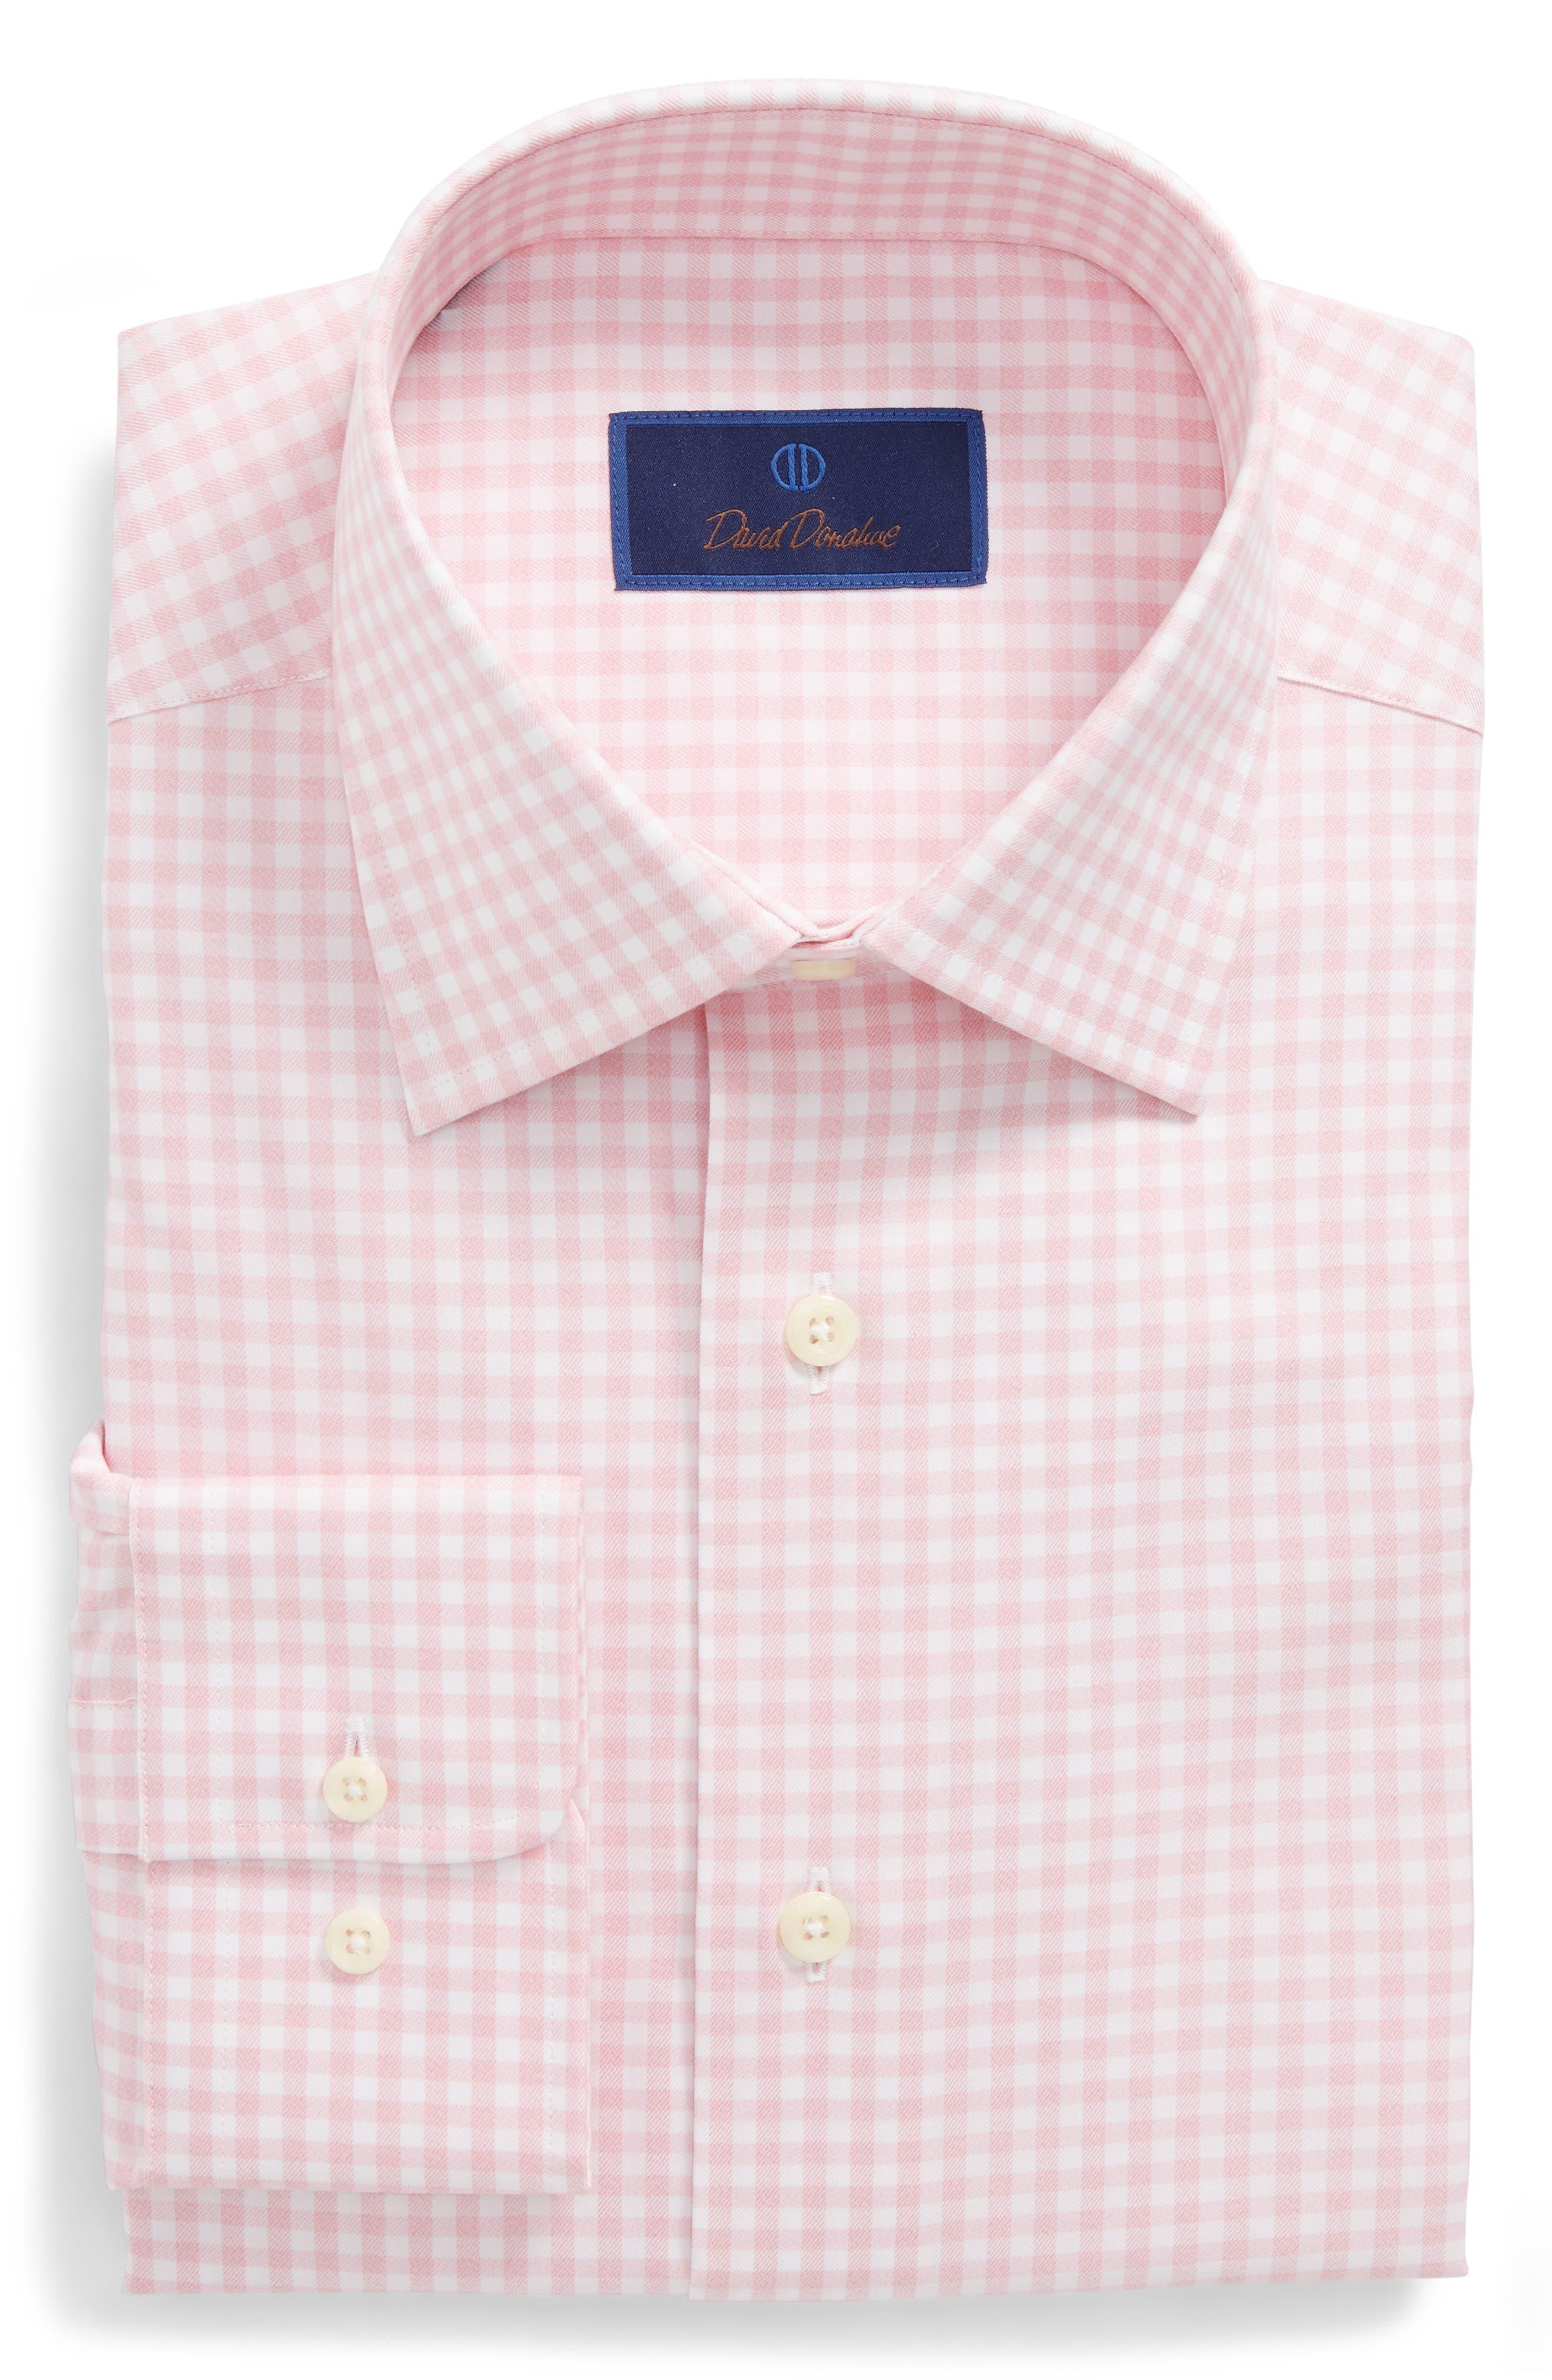 Regular Fit Check Dress Shirt,                             Main thumbnail 1, color,                             Pink